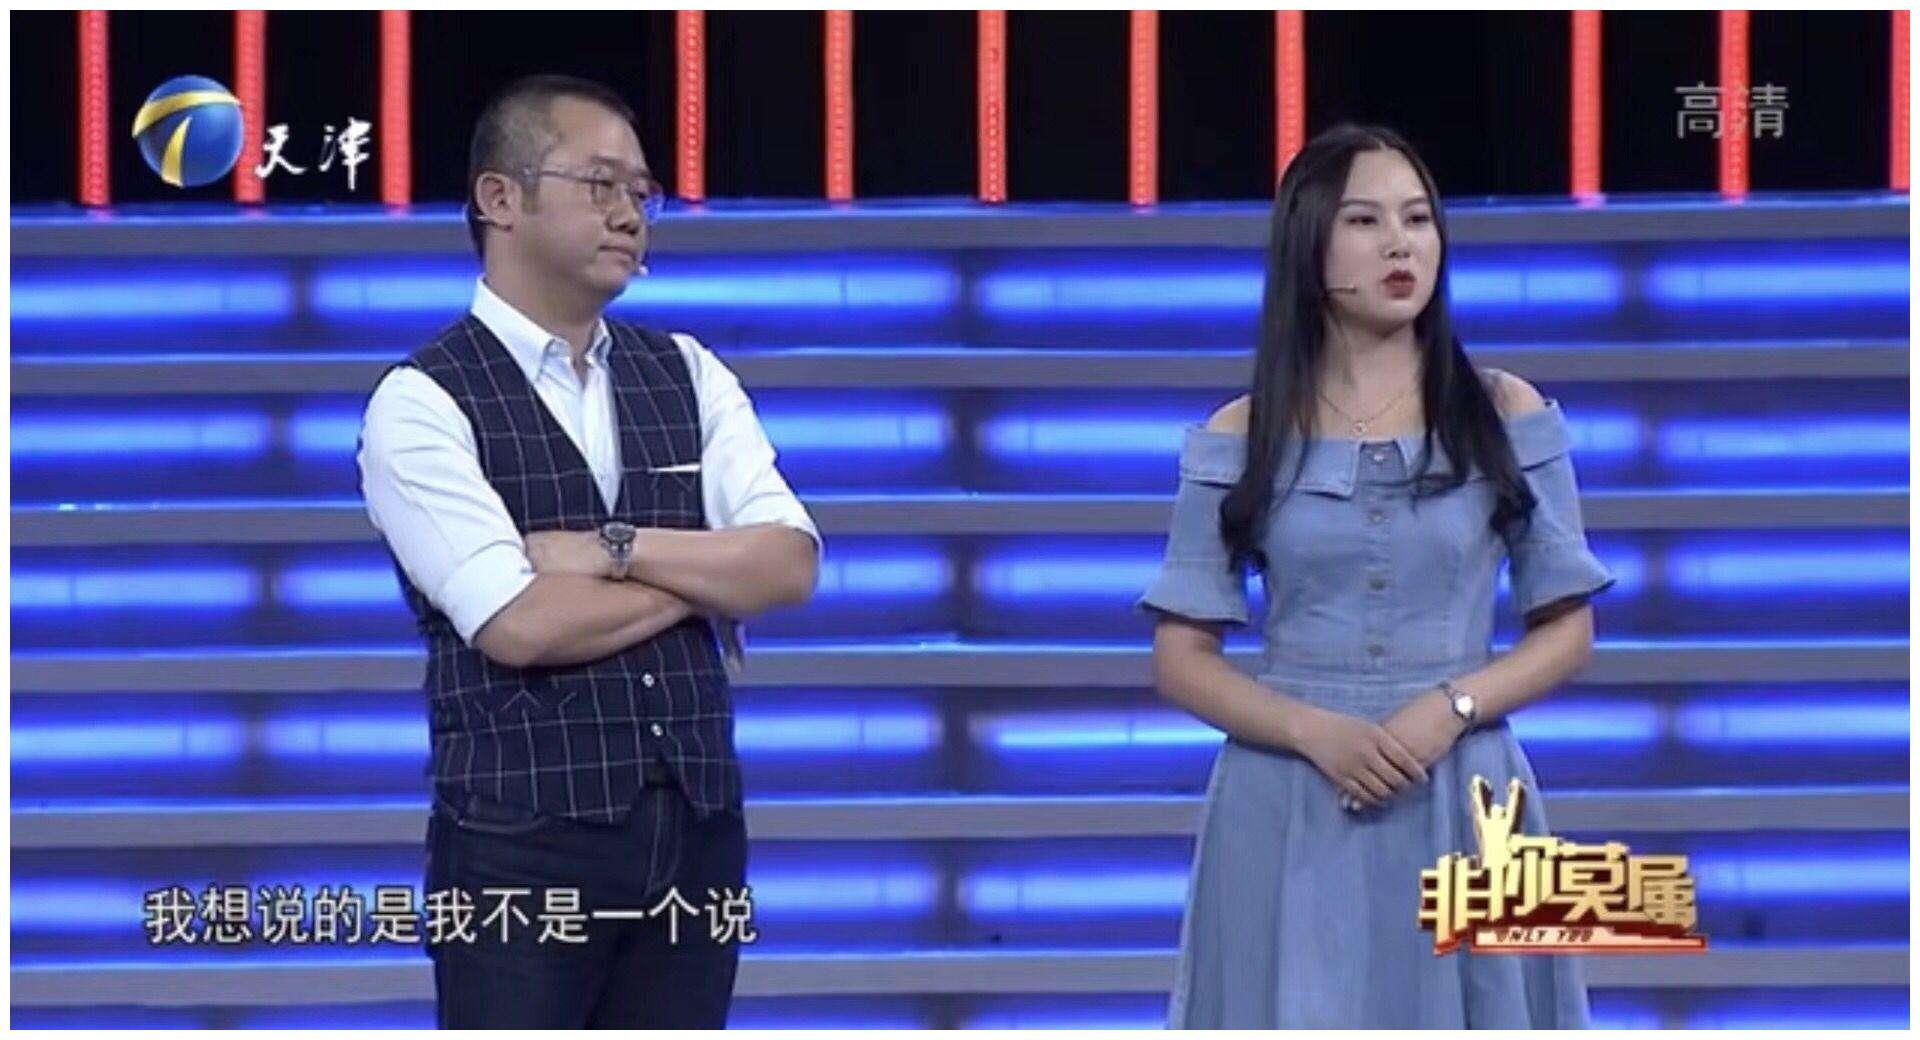 张绍刚:和疯狗一样!曾经高高在上的老板,如今破产、失信、降薪